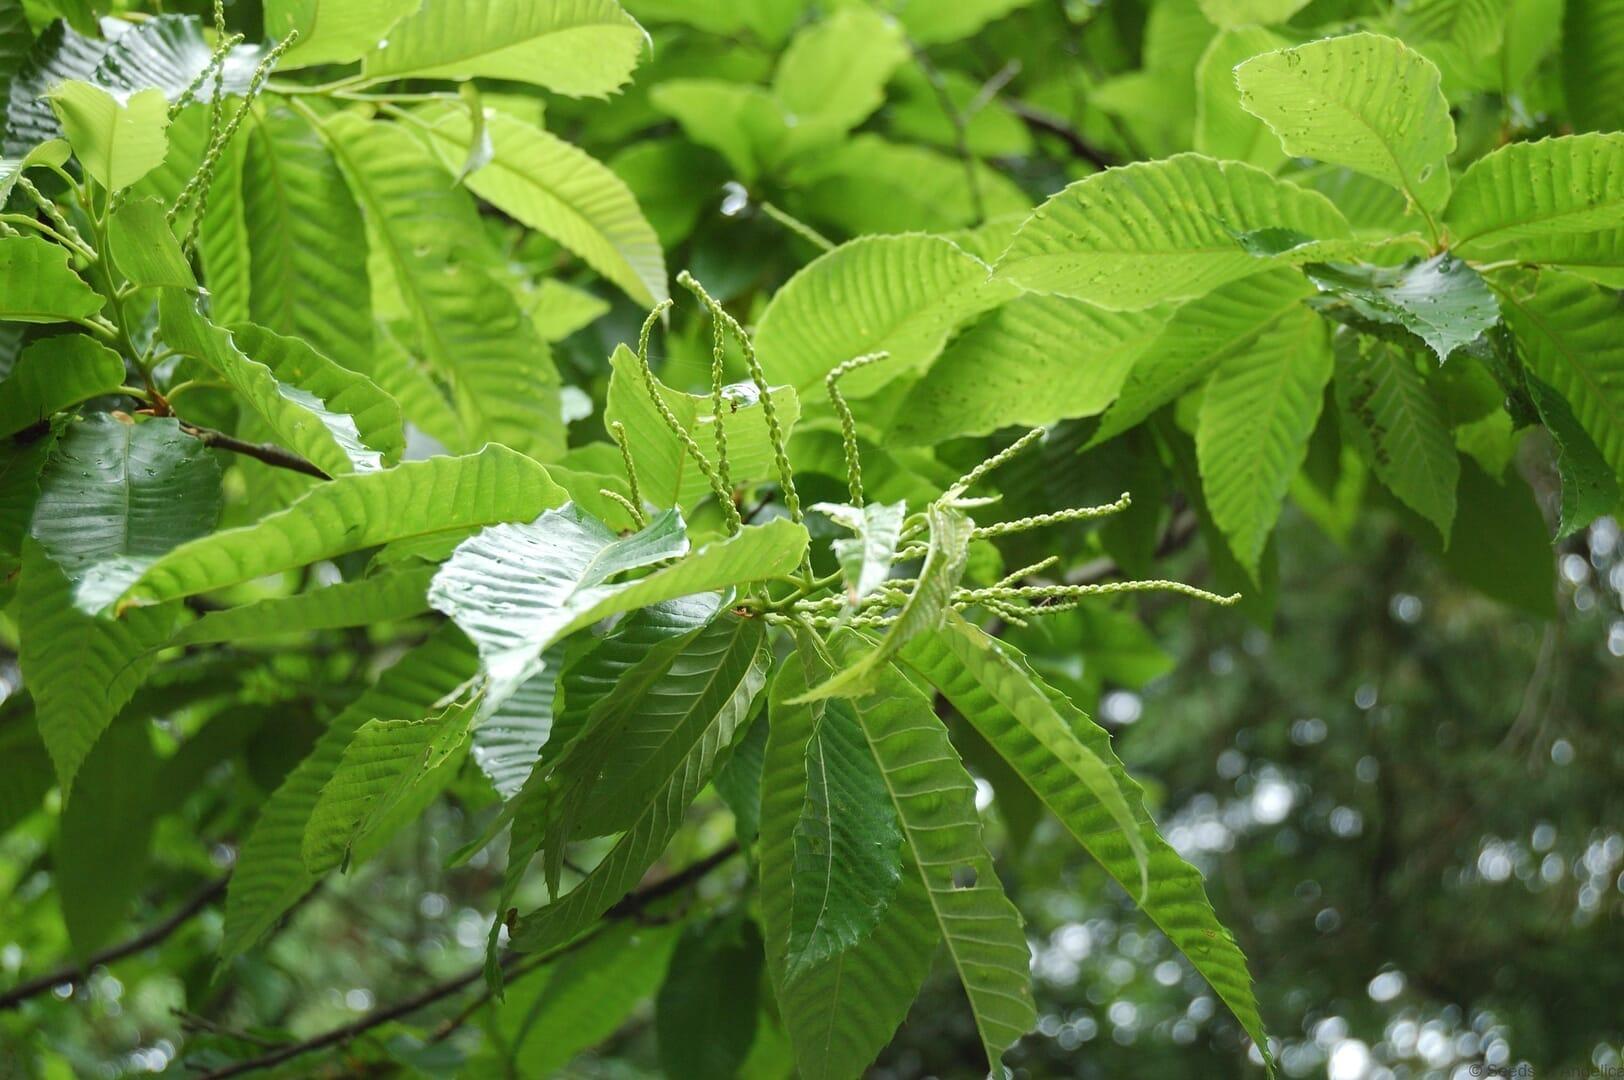 スイートチェスナットの類縁種で日本に自生するシバグリ